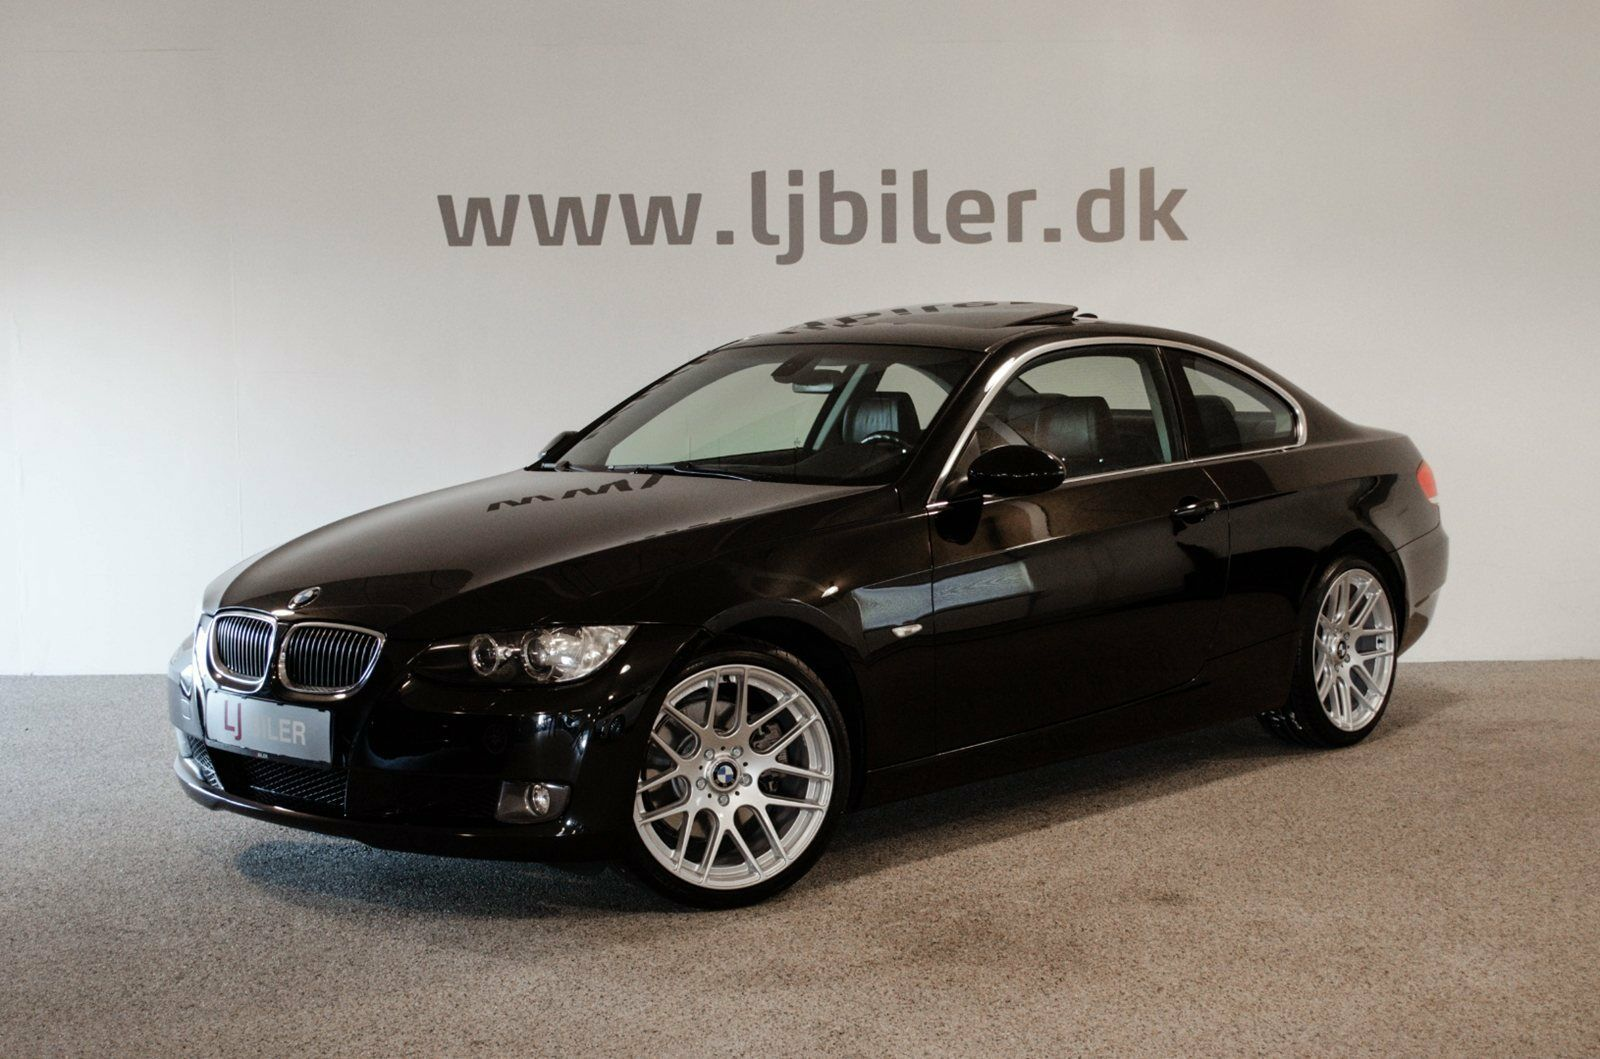 BMW 325i 2,5 Coupé Steptr. 2d - 189.800 kr.